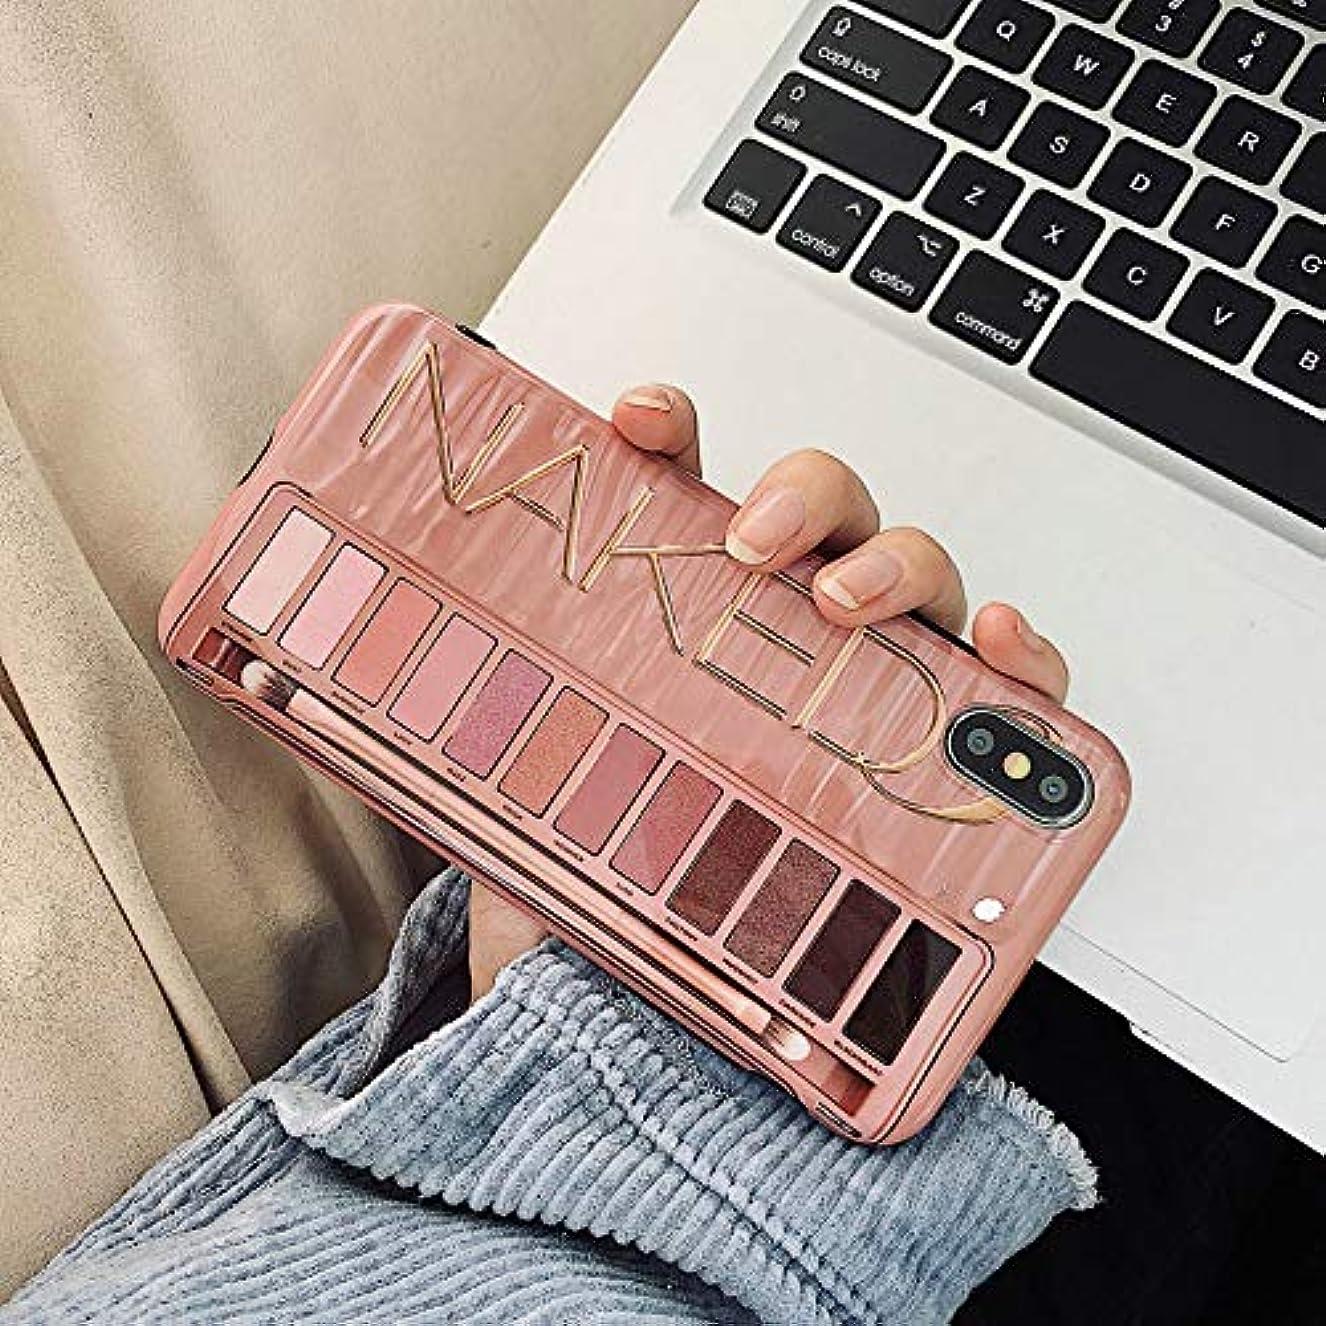 等しい配る規範iPhone ケース レディース メンズ 携帯ケース iPhone7/8/7Plus/8Plus,iPhone X/XR,iPhoneXS/XS MAX (iPhone7 Plus ケース)